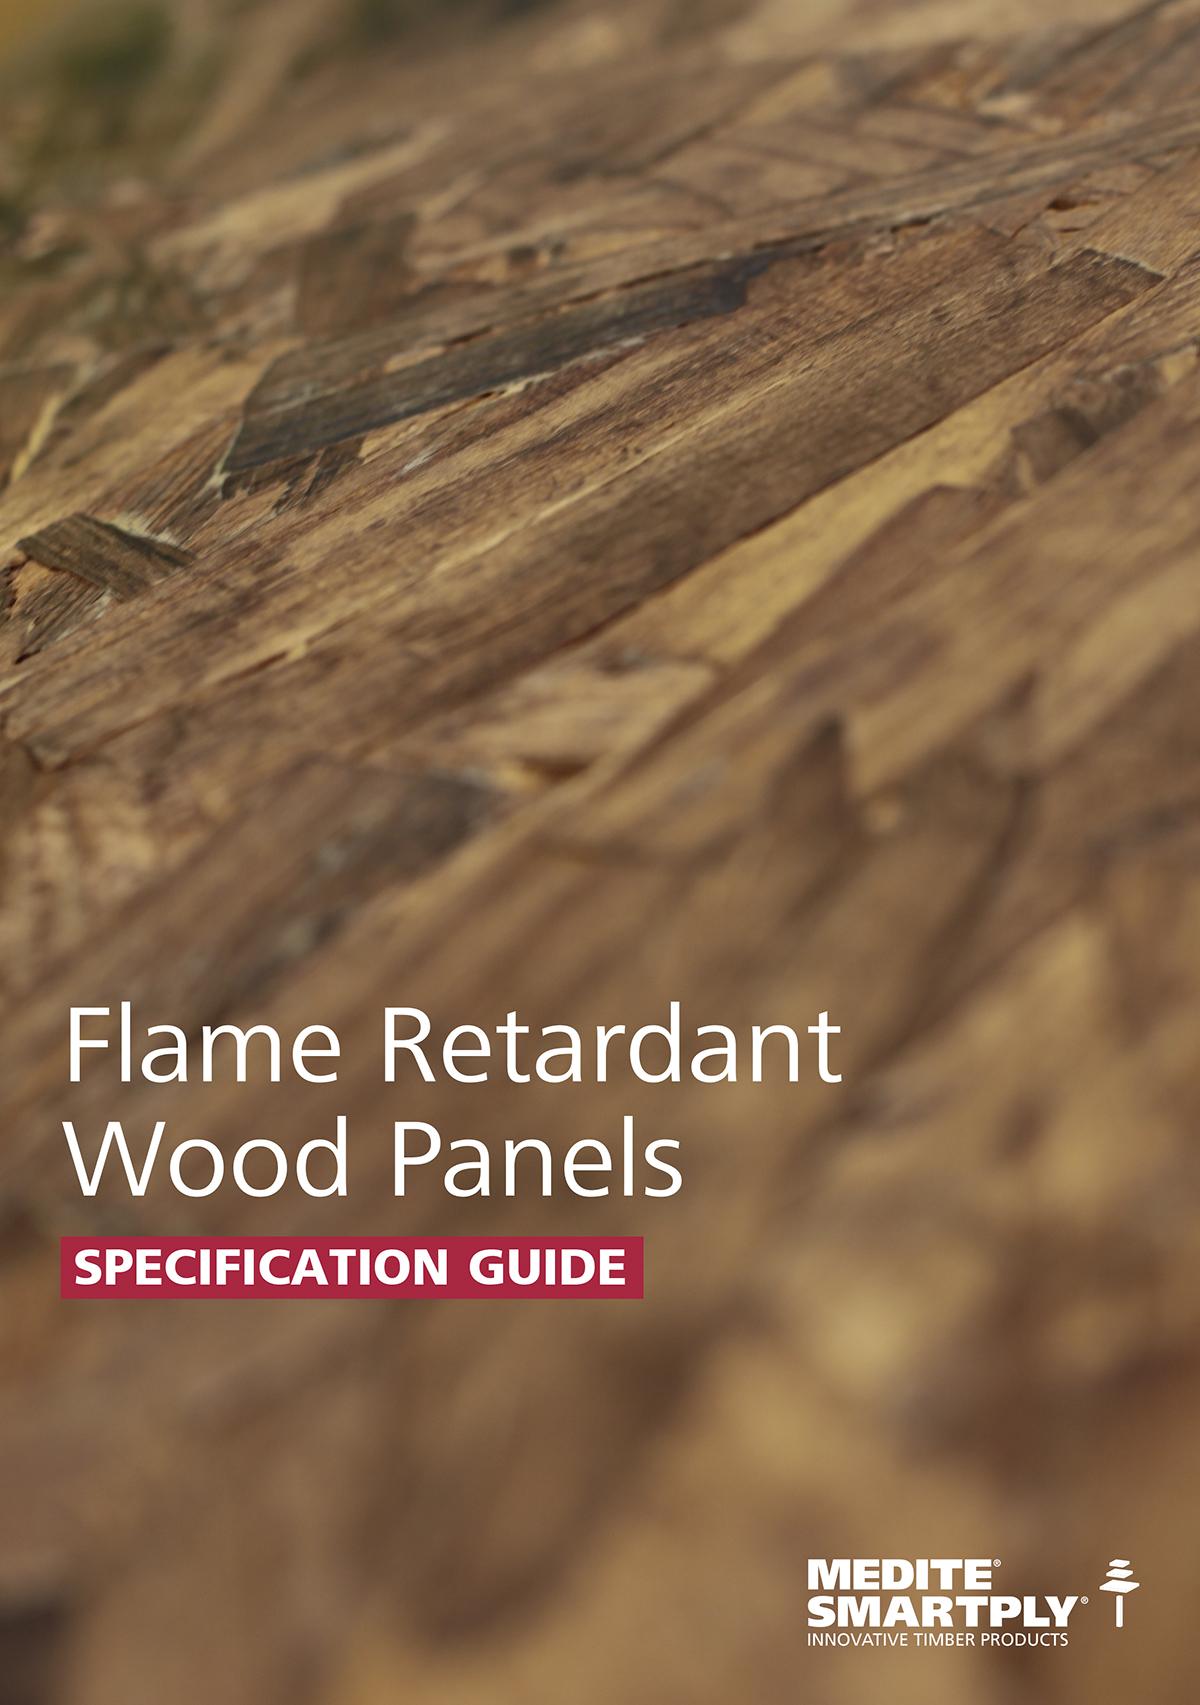 Flame Retardant Wood Panels